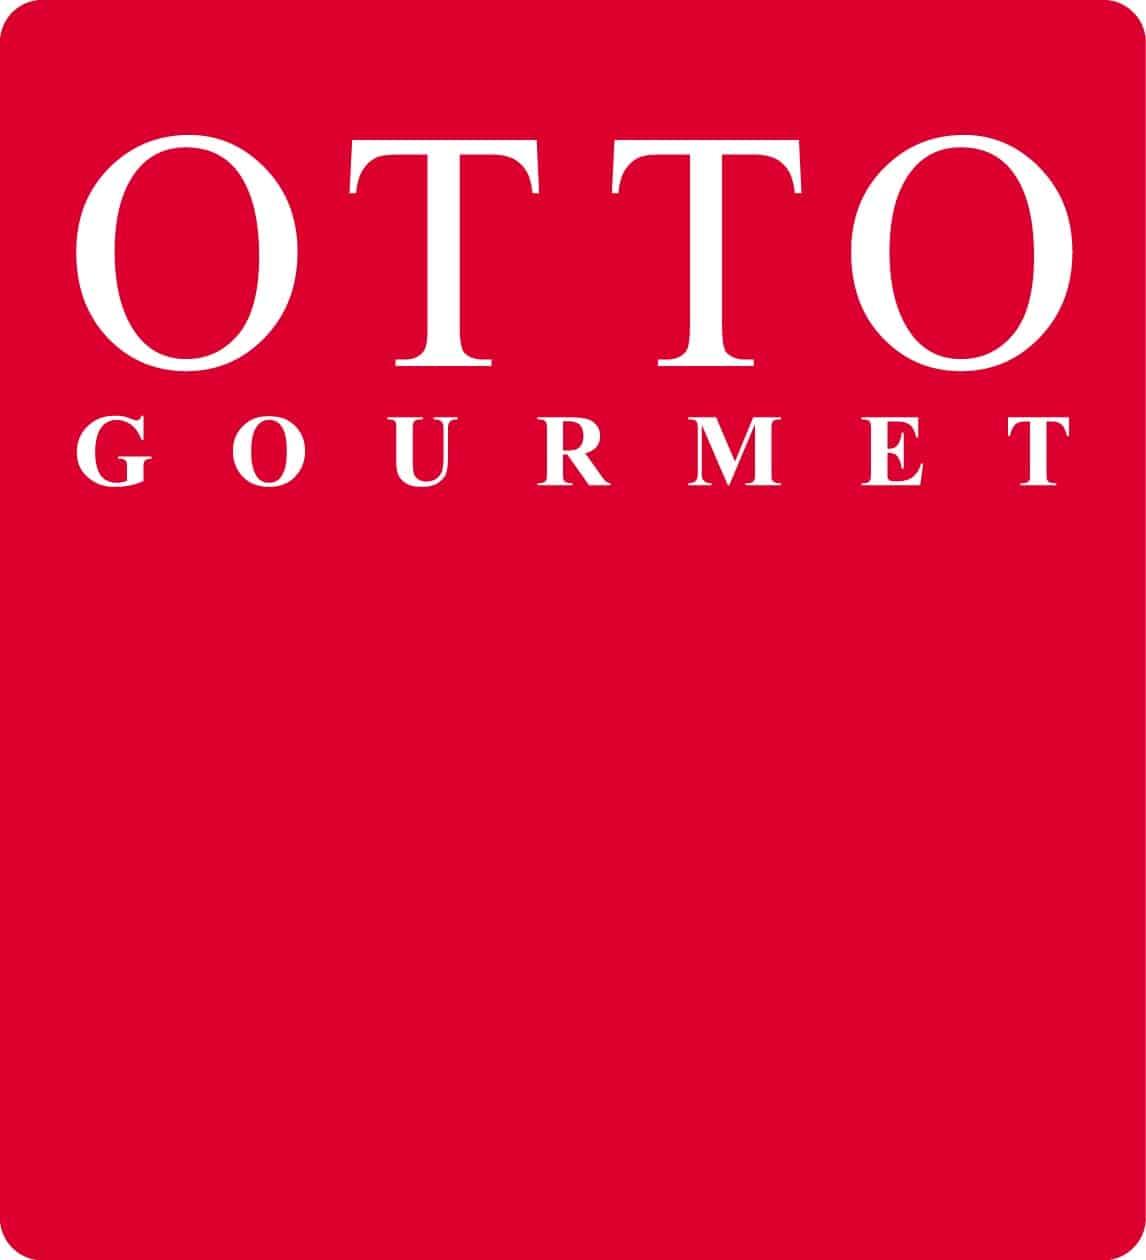 OTTO GOURMET – NUR DAS BESTE FÜR DIE CHEF-SACHE!